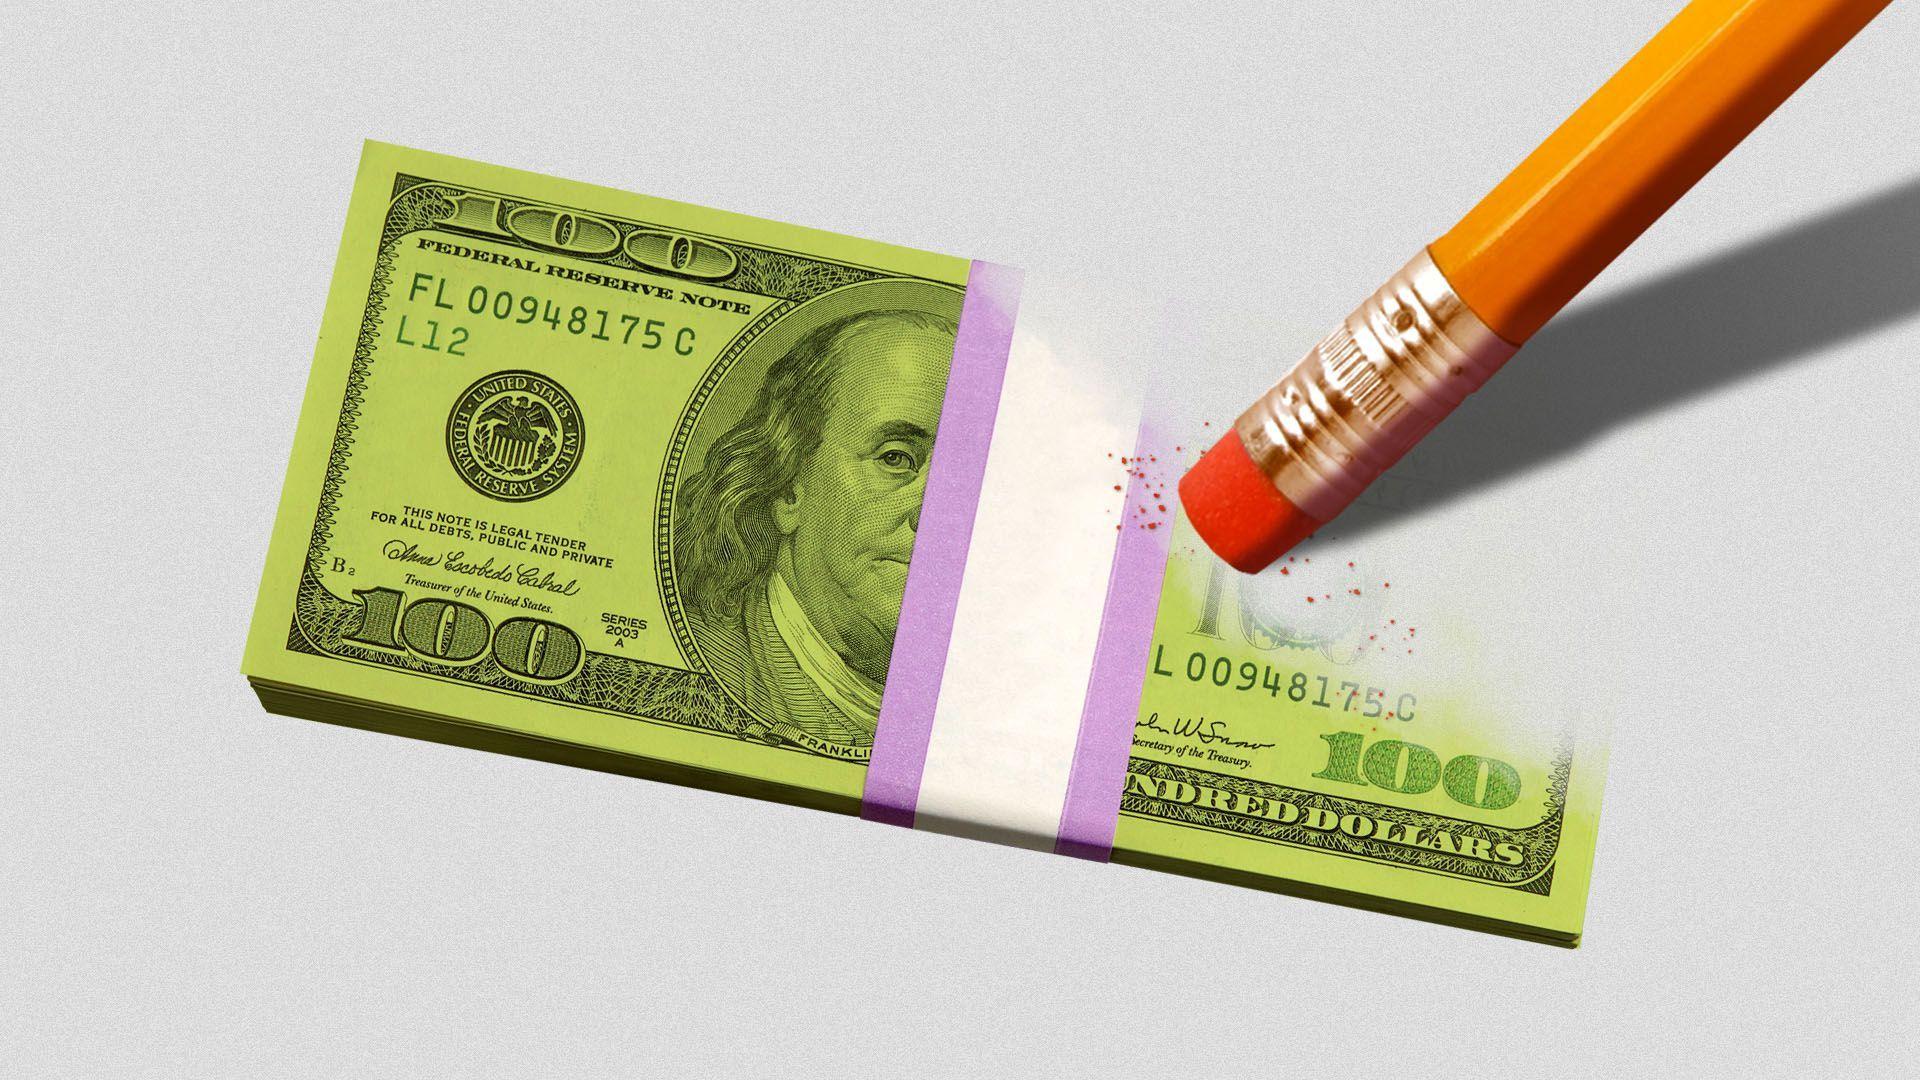 Illustration of a stack of hundred dollar bills being erased